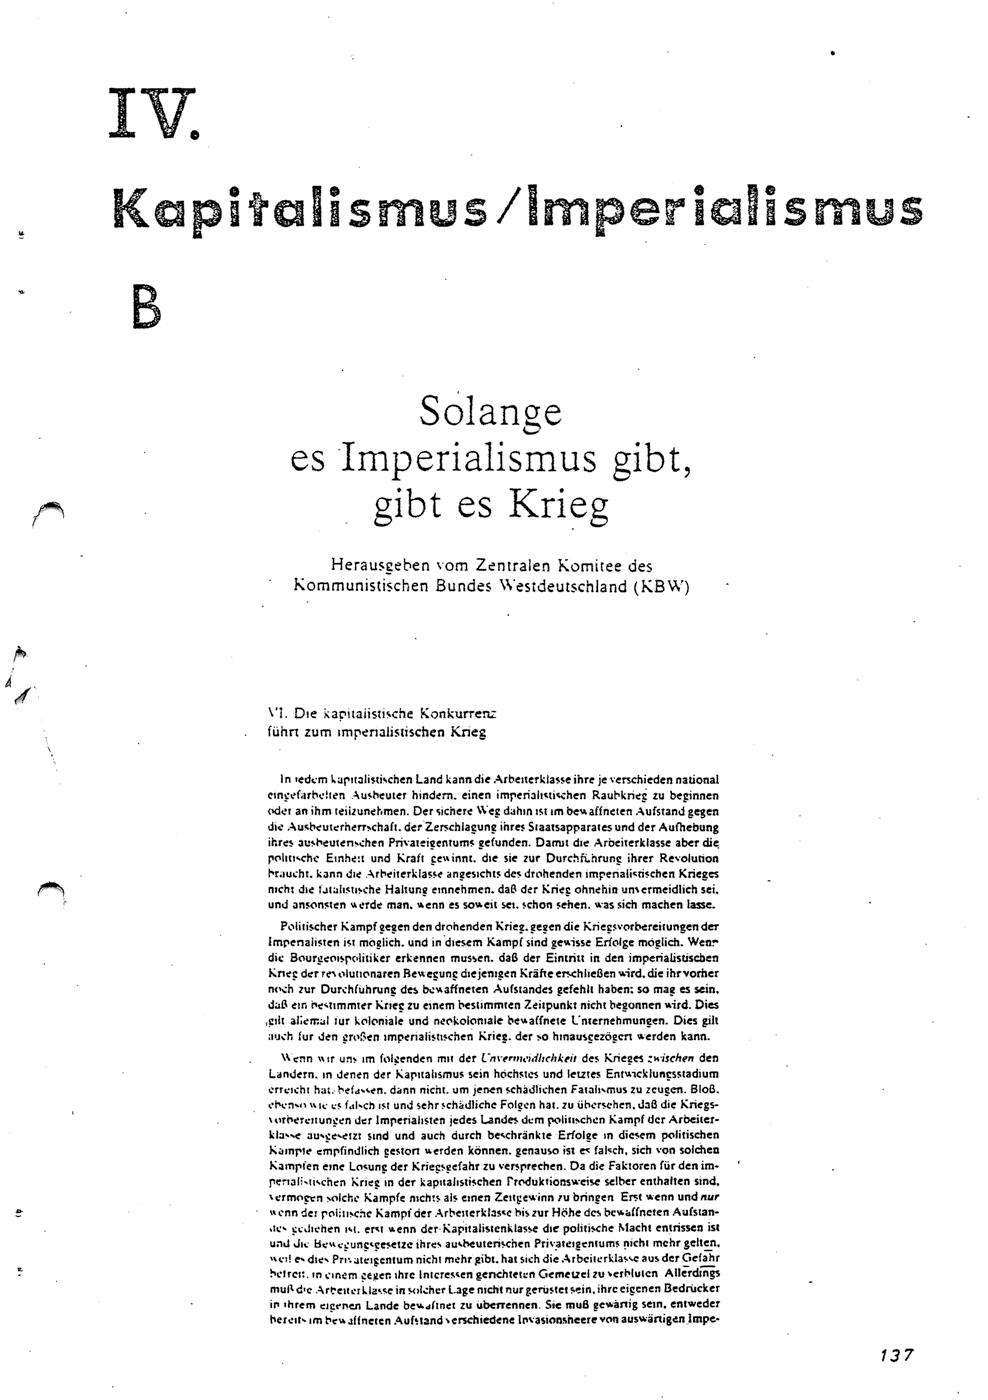 KABRW_Arbeitshefte_1978_31_017